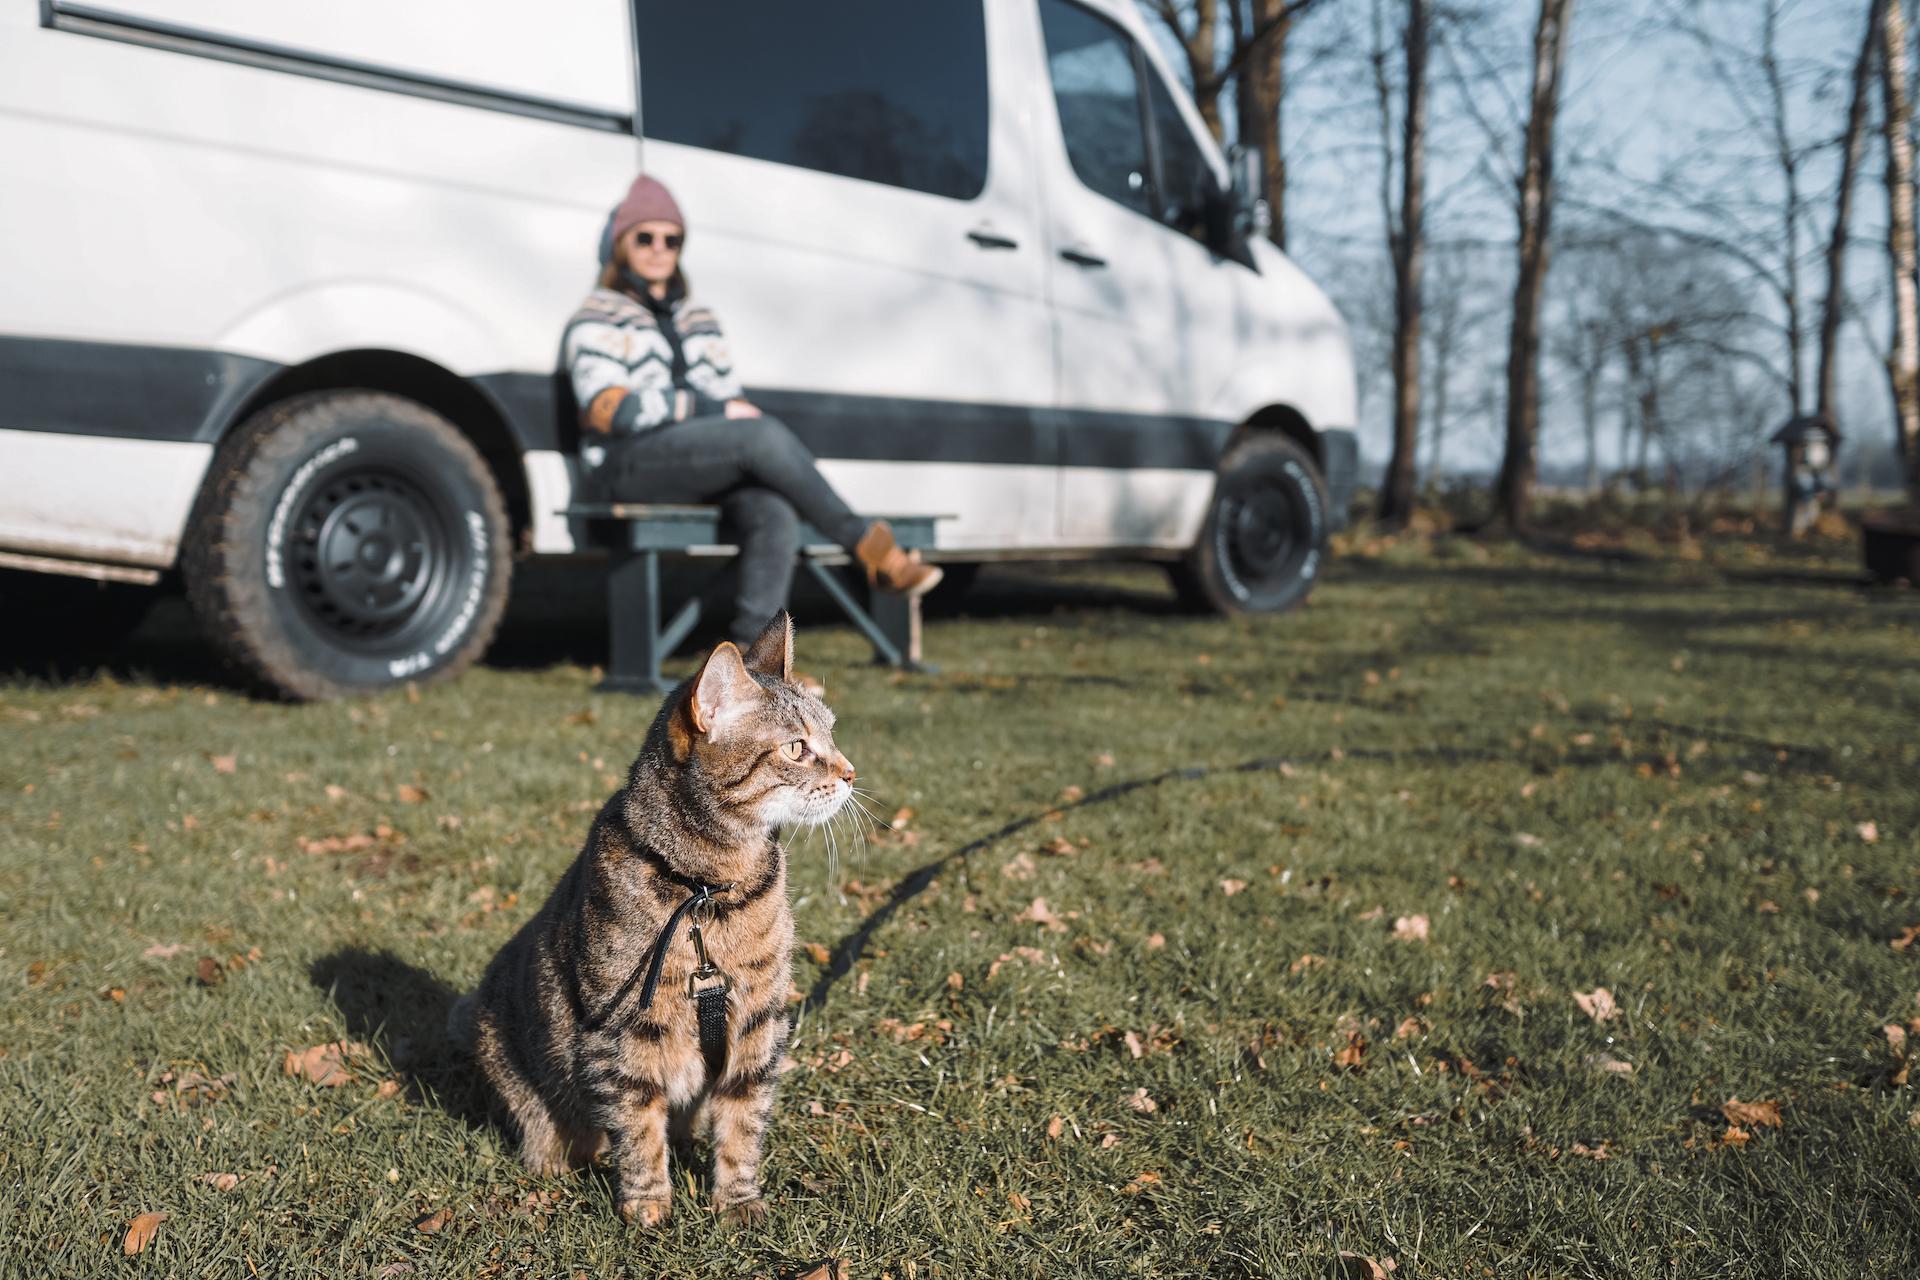 Kat mee op reis in de camper